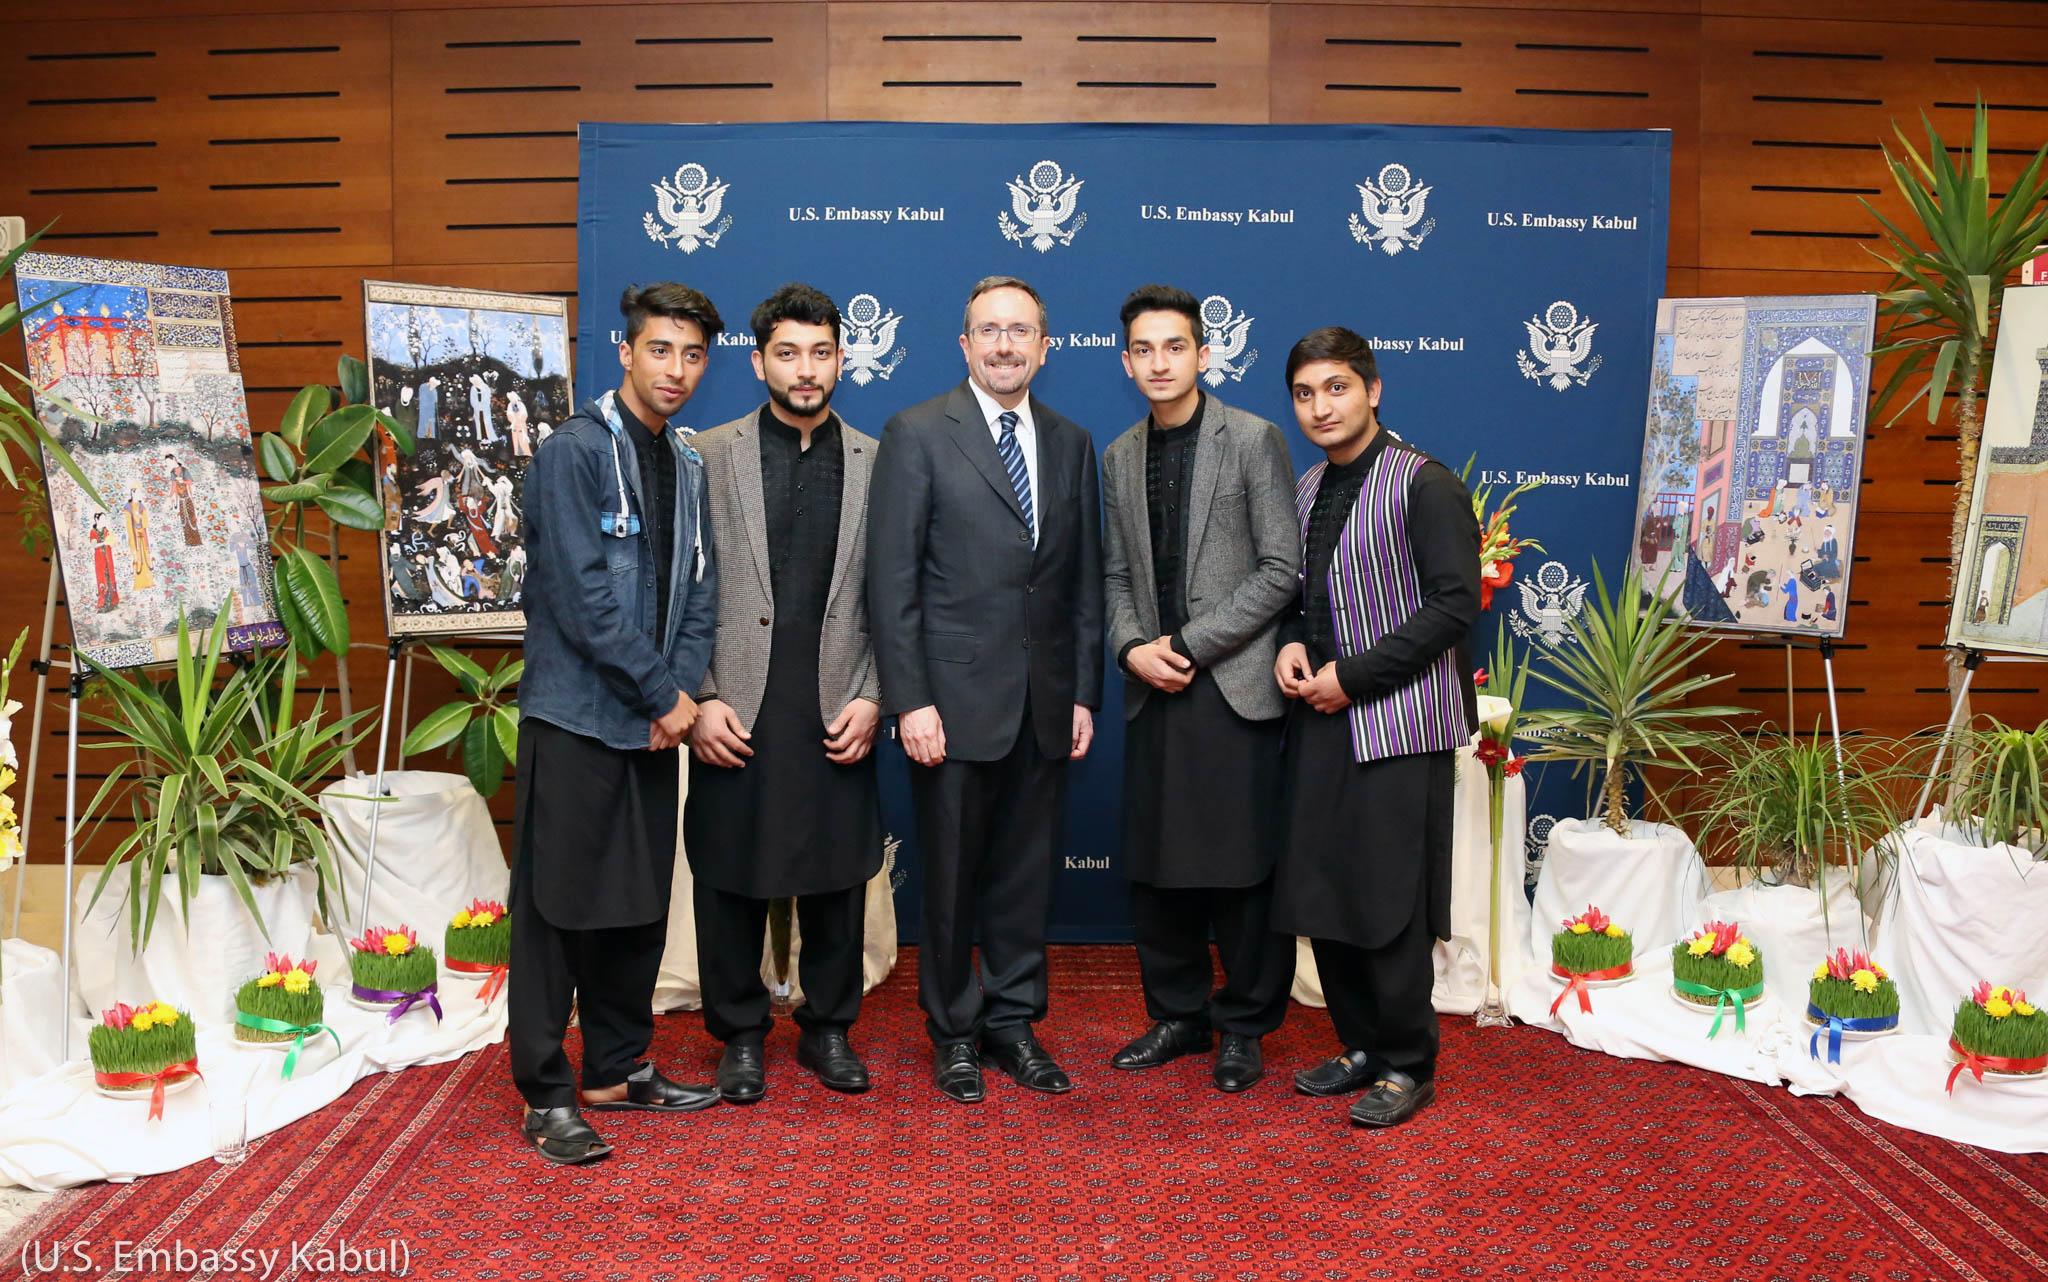 نوروز کی سجاوٹوں کے سامنے تصویر کے لیے کھڑے پانچ مرد۔ (U.S. Embassy Kabul)